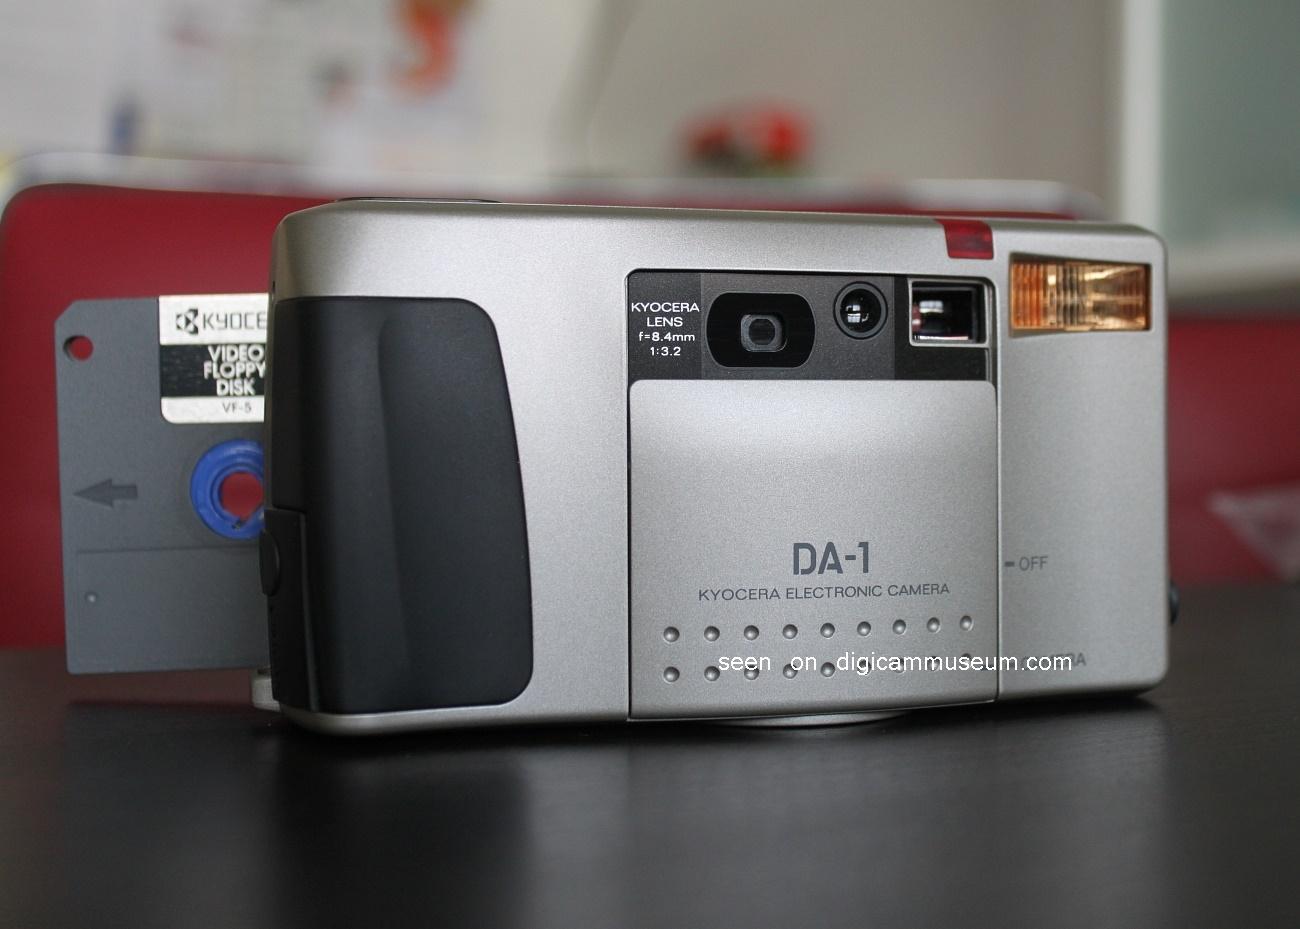 Kyocera DA-1 (1996)